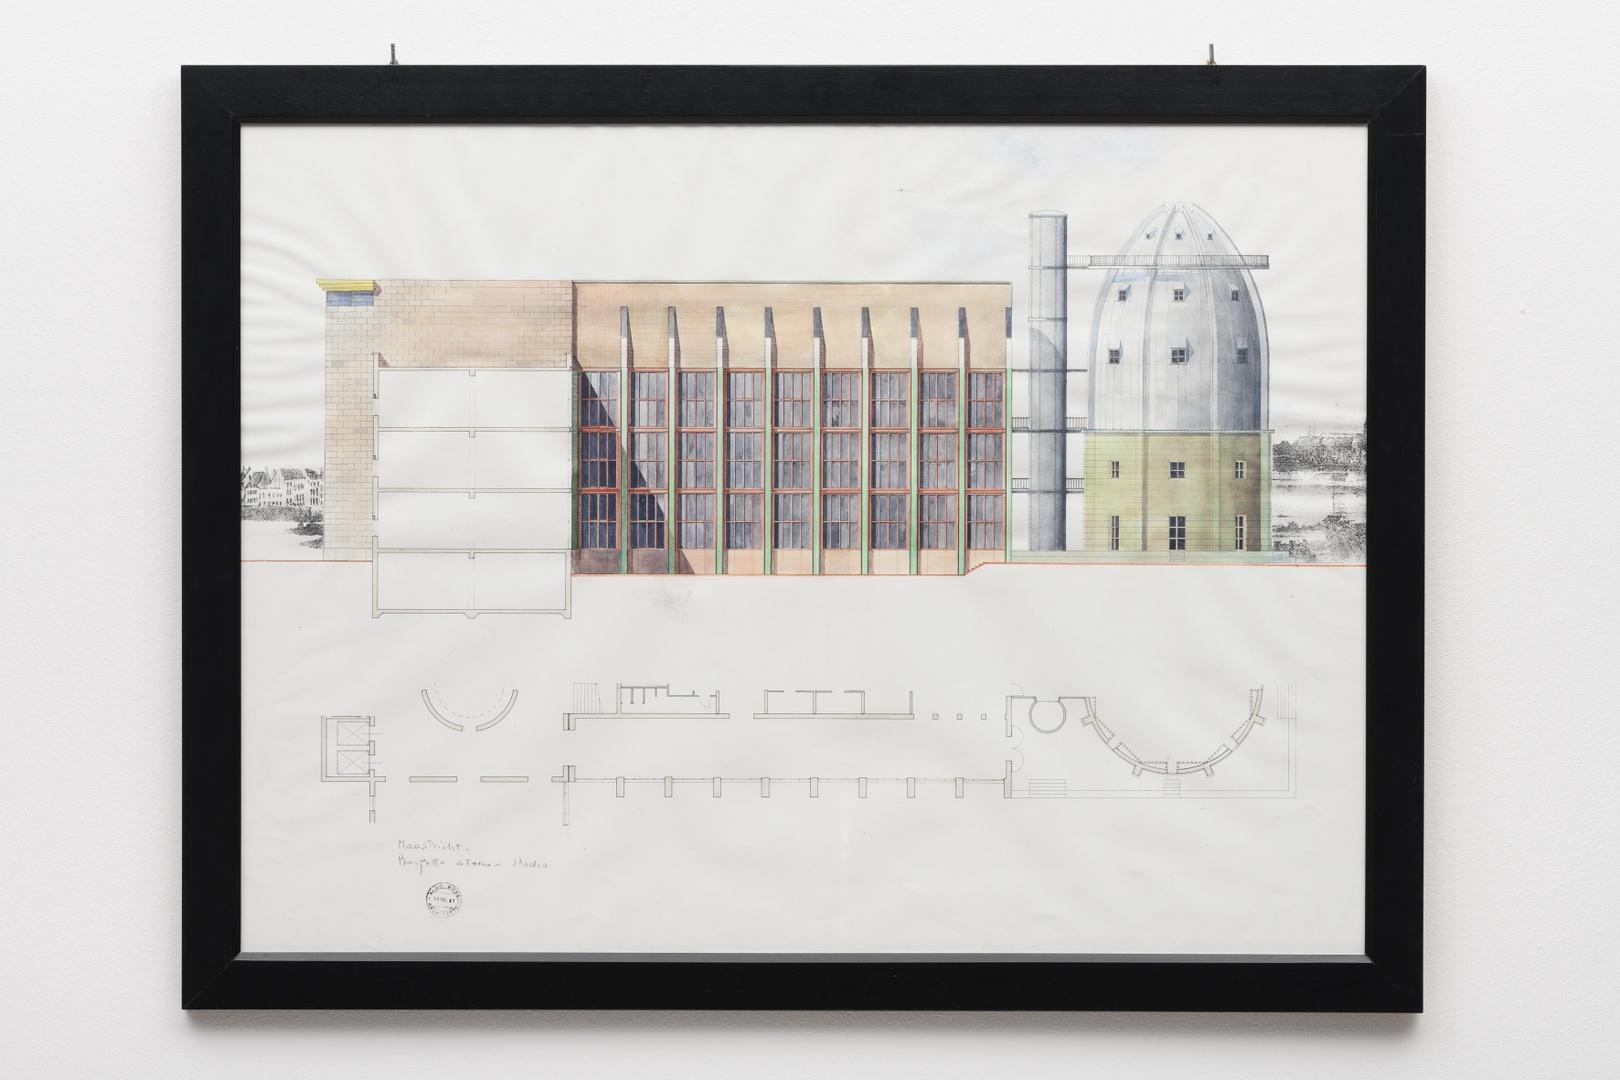 """Ontwerp Bonnefantenmuseum: zijaanzicht middenvleugel, """"Prospetto interno - studio"""""""